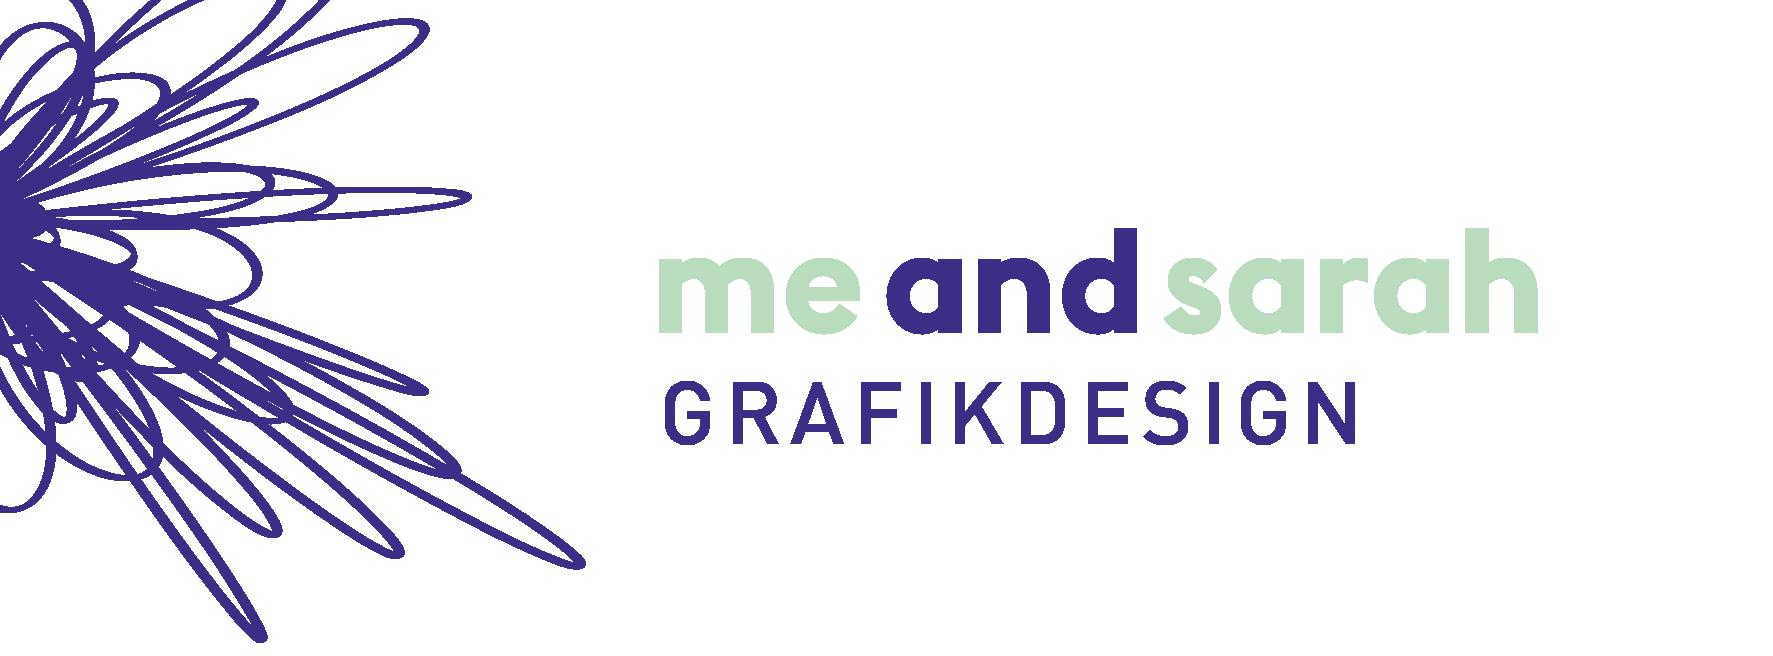 meandsarah – Grafikdesign